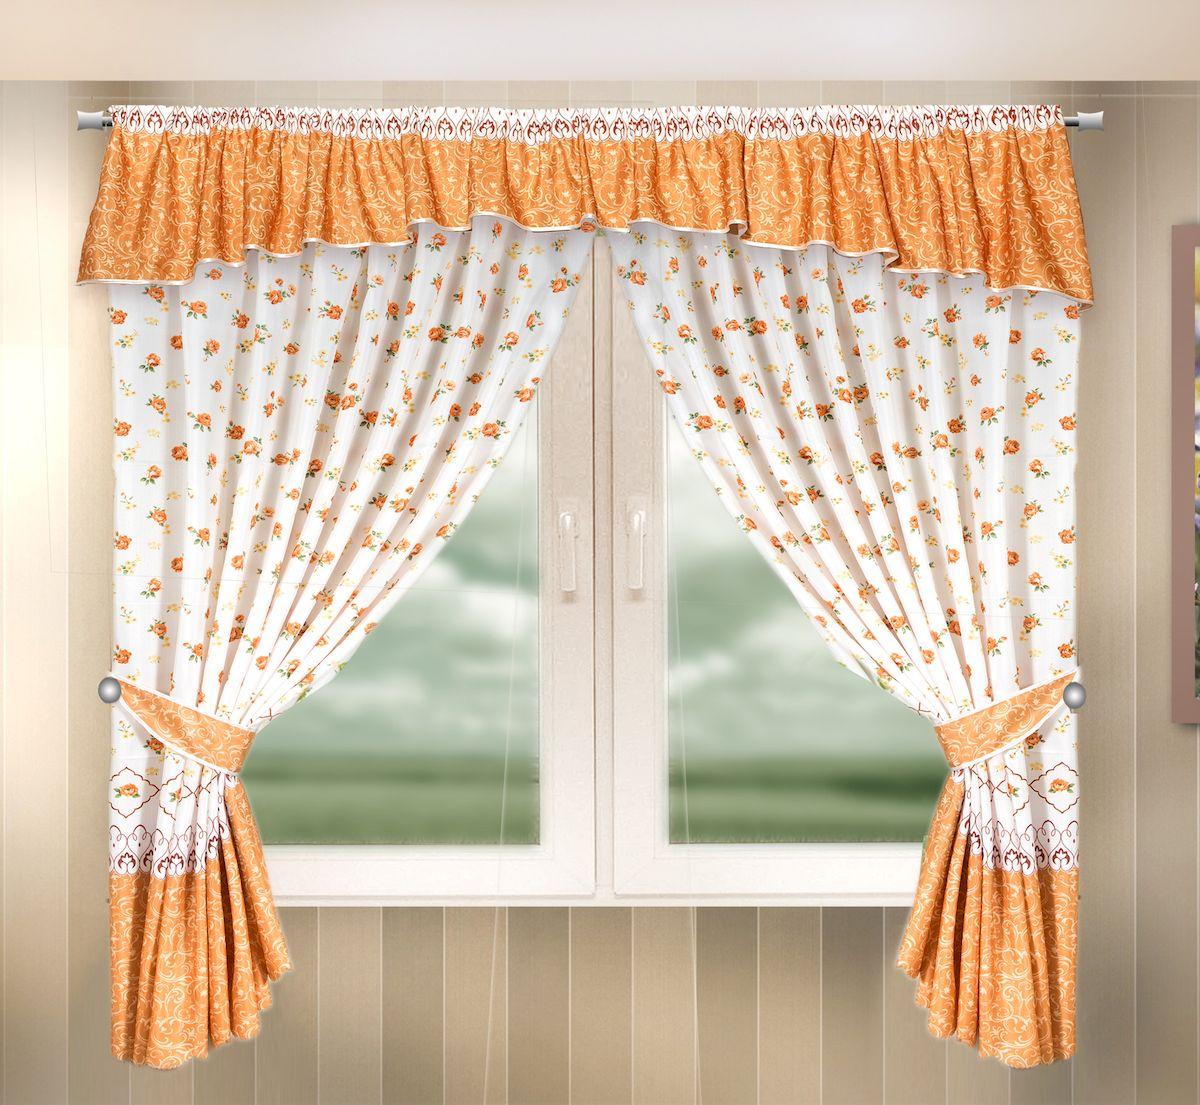 Комплект штор для кухни Zlata Korunka, на кулиске, цвет: оранжевый, высота 170 см. 333341333341Комплект штор для кухни Zlata Korunka, выполненный из полиэстера, великолепно украсит любое окно. Комплект состоит из ламбрекена, 2 штор и 2 подхватов. Цветочный рисунок и приятная цветовая гамма привлекут к себе внимание и органично впишутся в интерьер помещения. Этот комплект будет долгое время радовать вас и вашу семью! Комплект крепится на карниз при помощи кулиски. В комплект входит: Ламбрекен: 1 шт. Размер (Ш х В): 290 х 35 см. Штора: 2 шт. Размер (Ш х В): 140 х 170 см. Подхват: 2 шт.